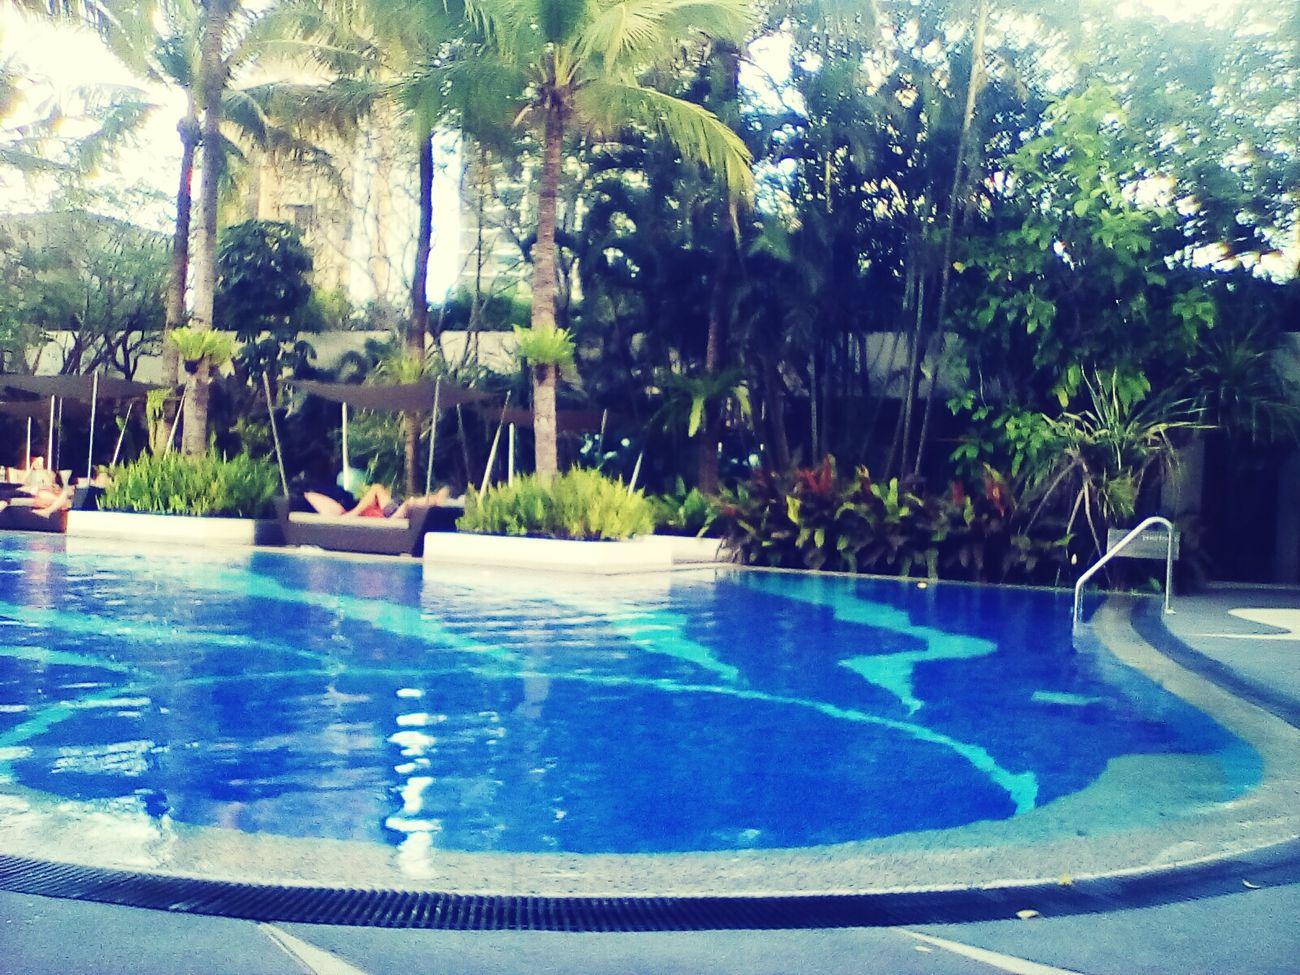 😘 ร่างกายต้องการน้ำ 😘 Swim Pool Relaxing Time